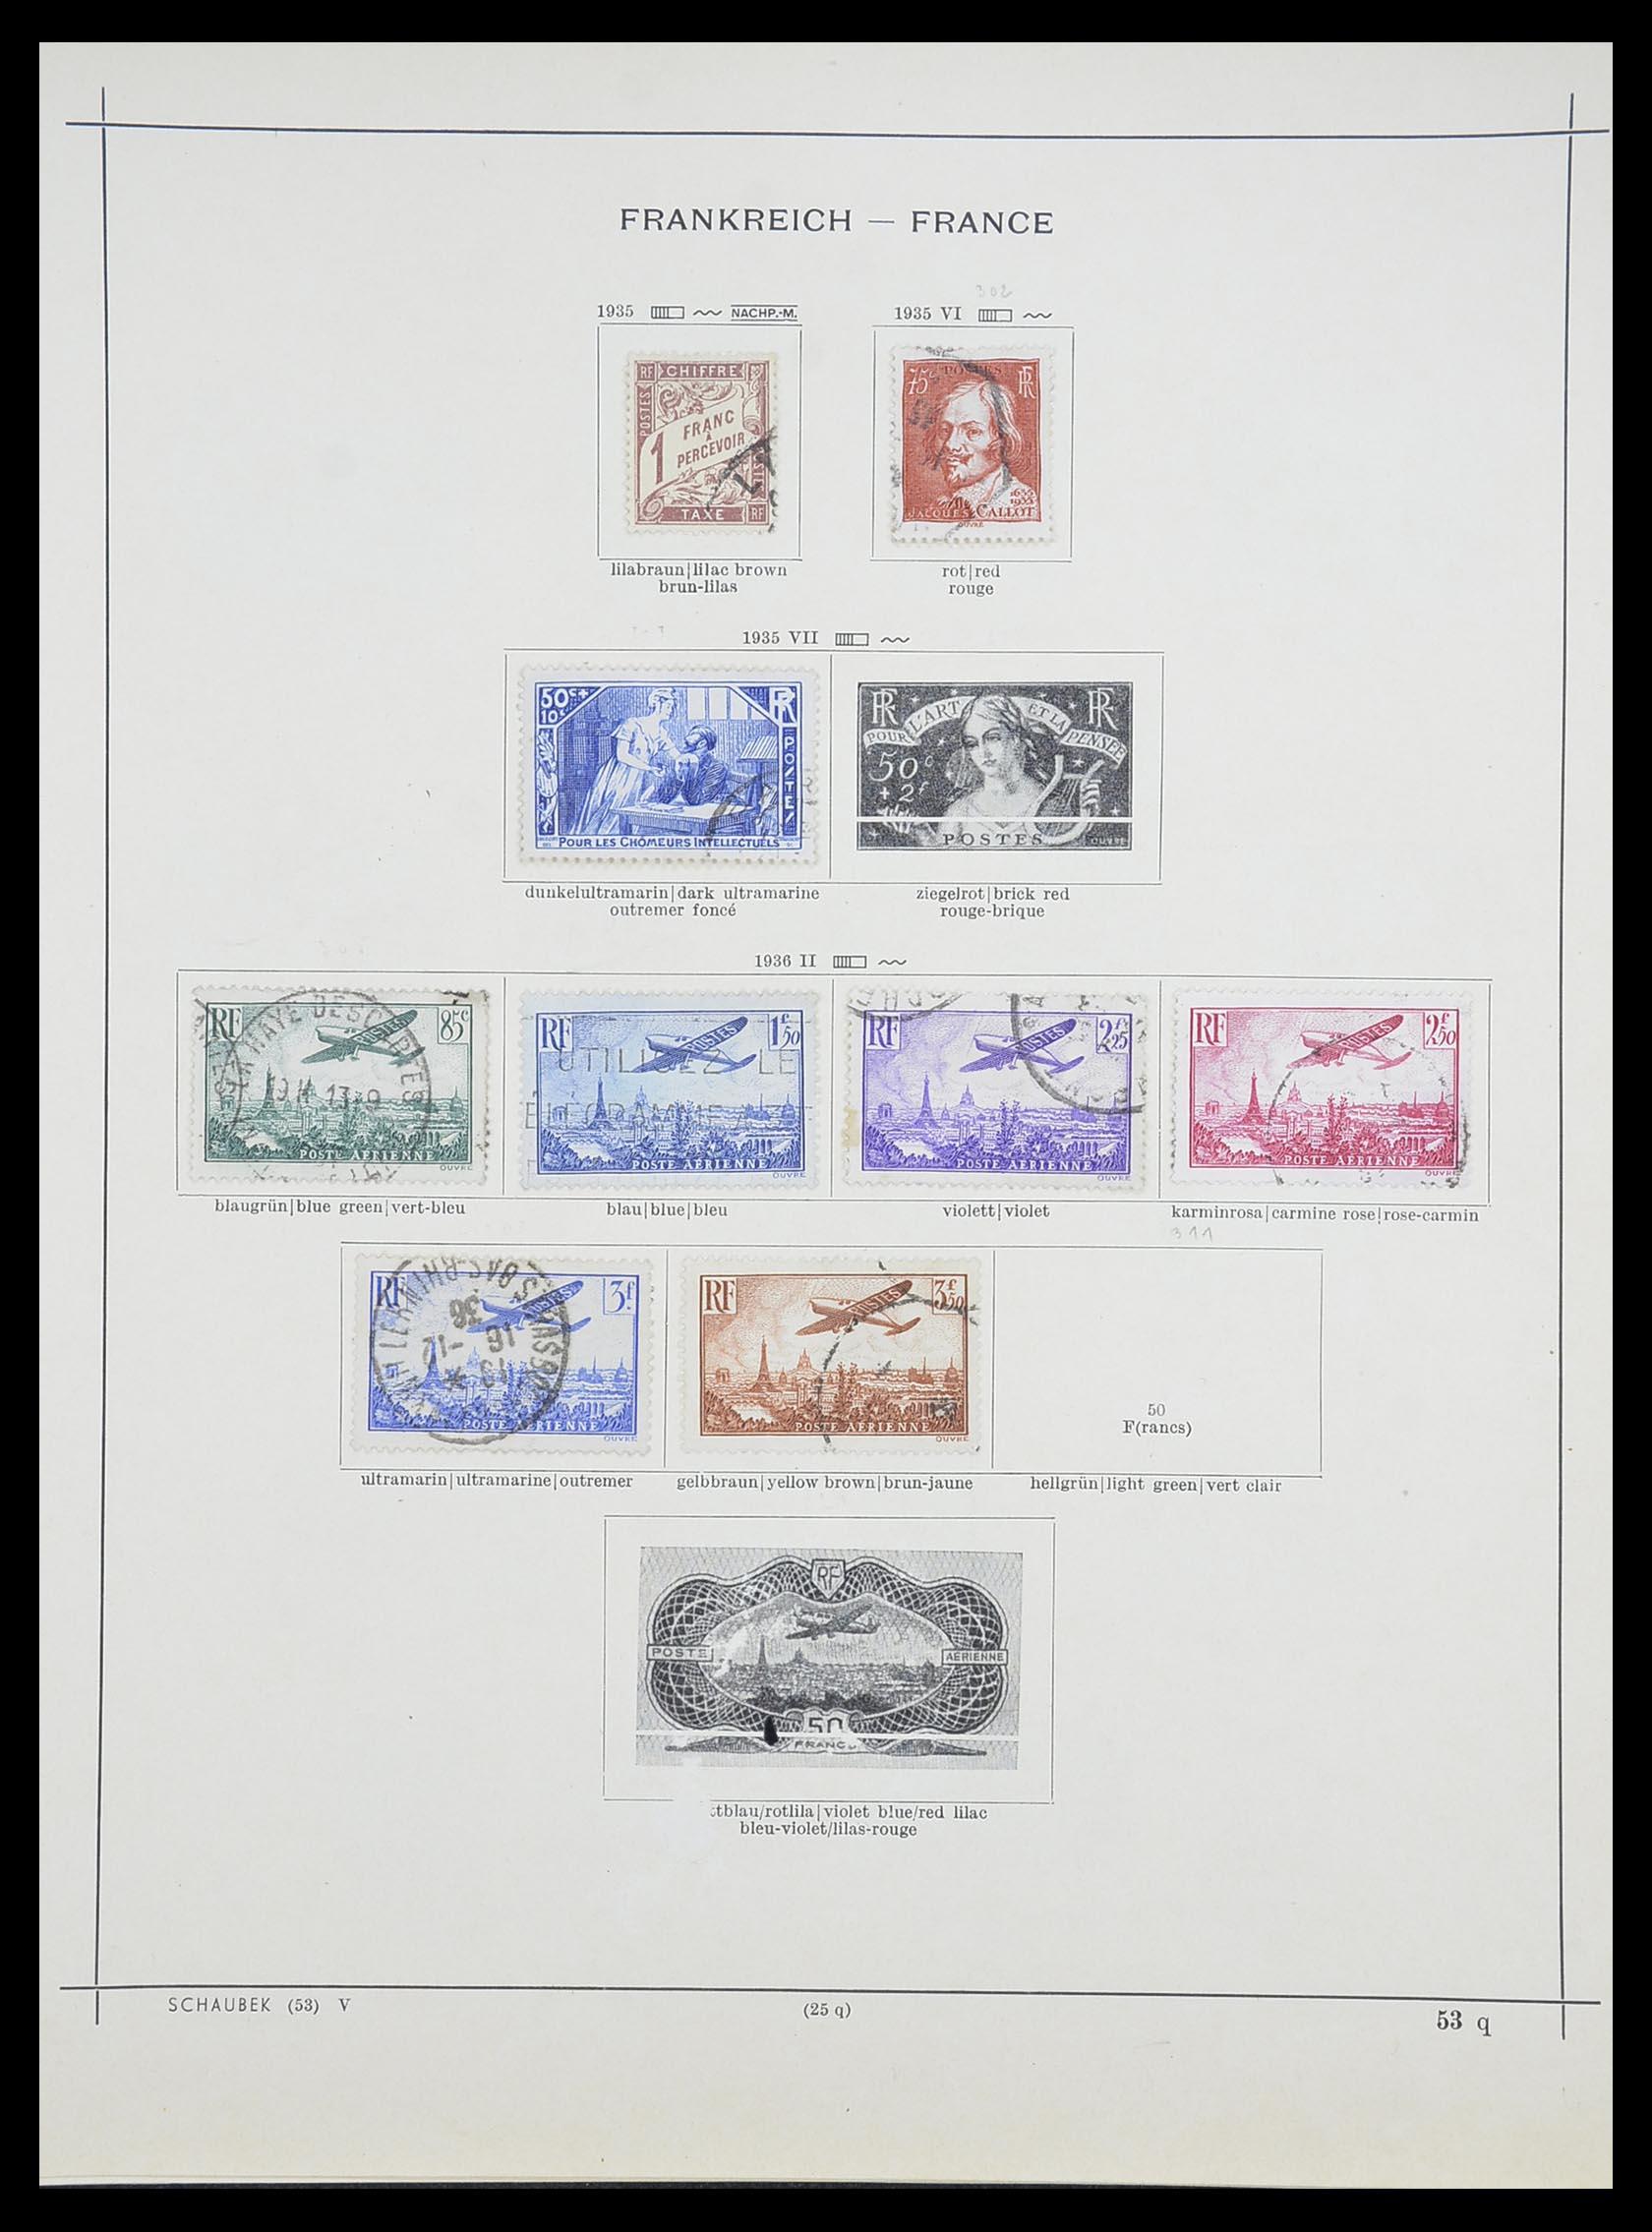 33919 017 - Postzegelverzameling 33919 Frankrijk 1849-1946.